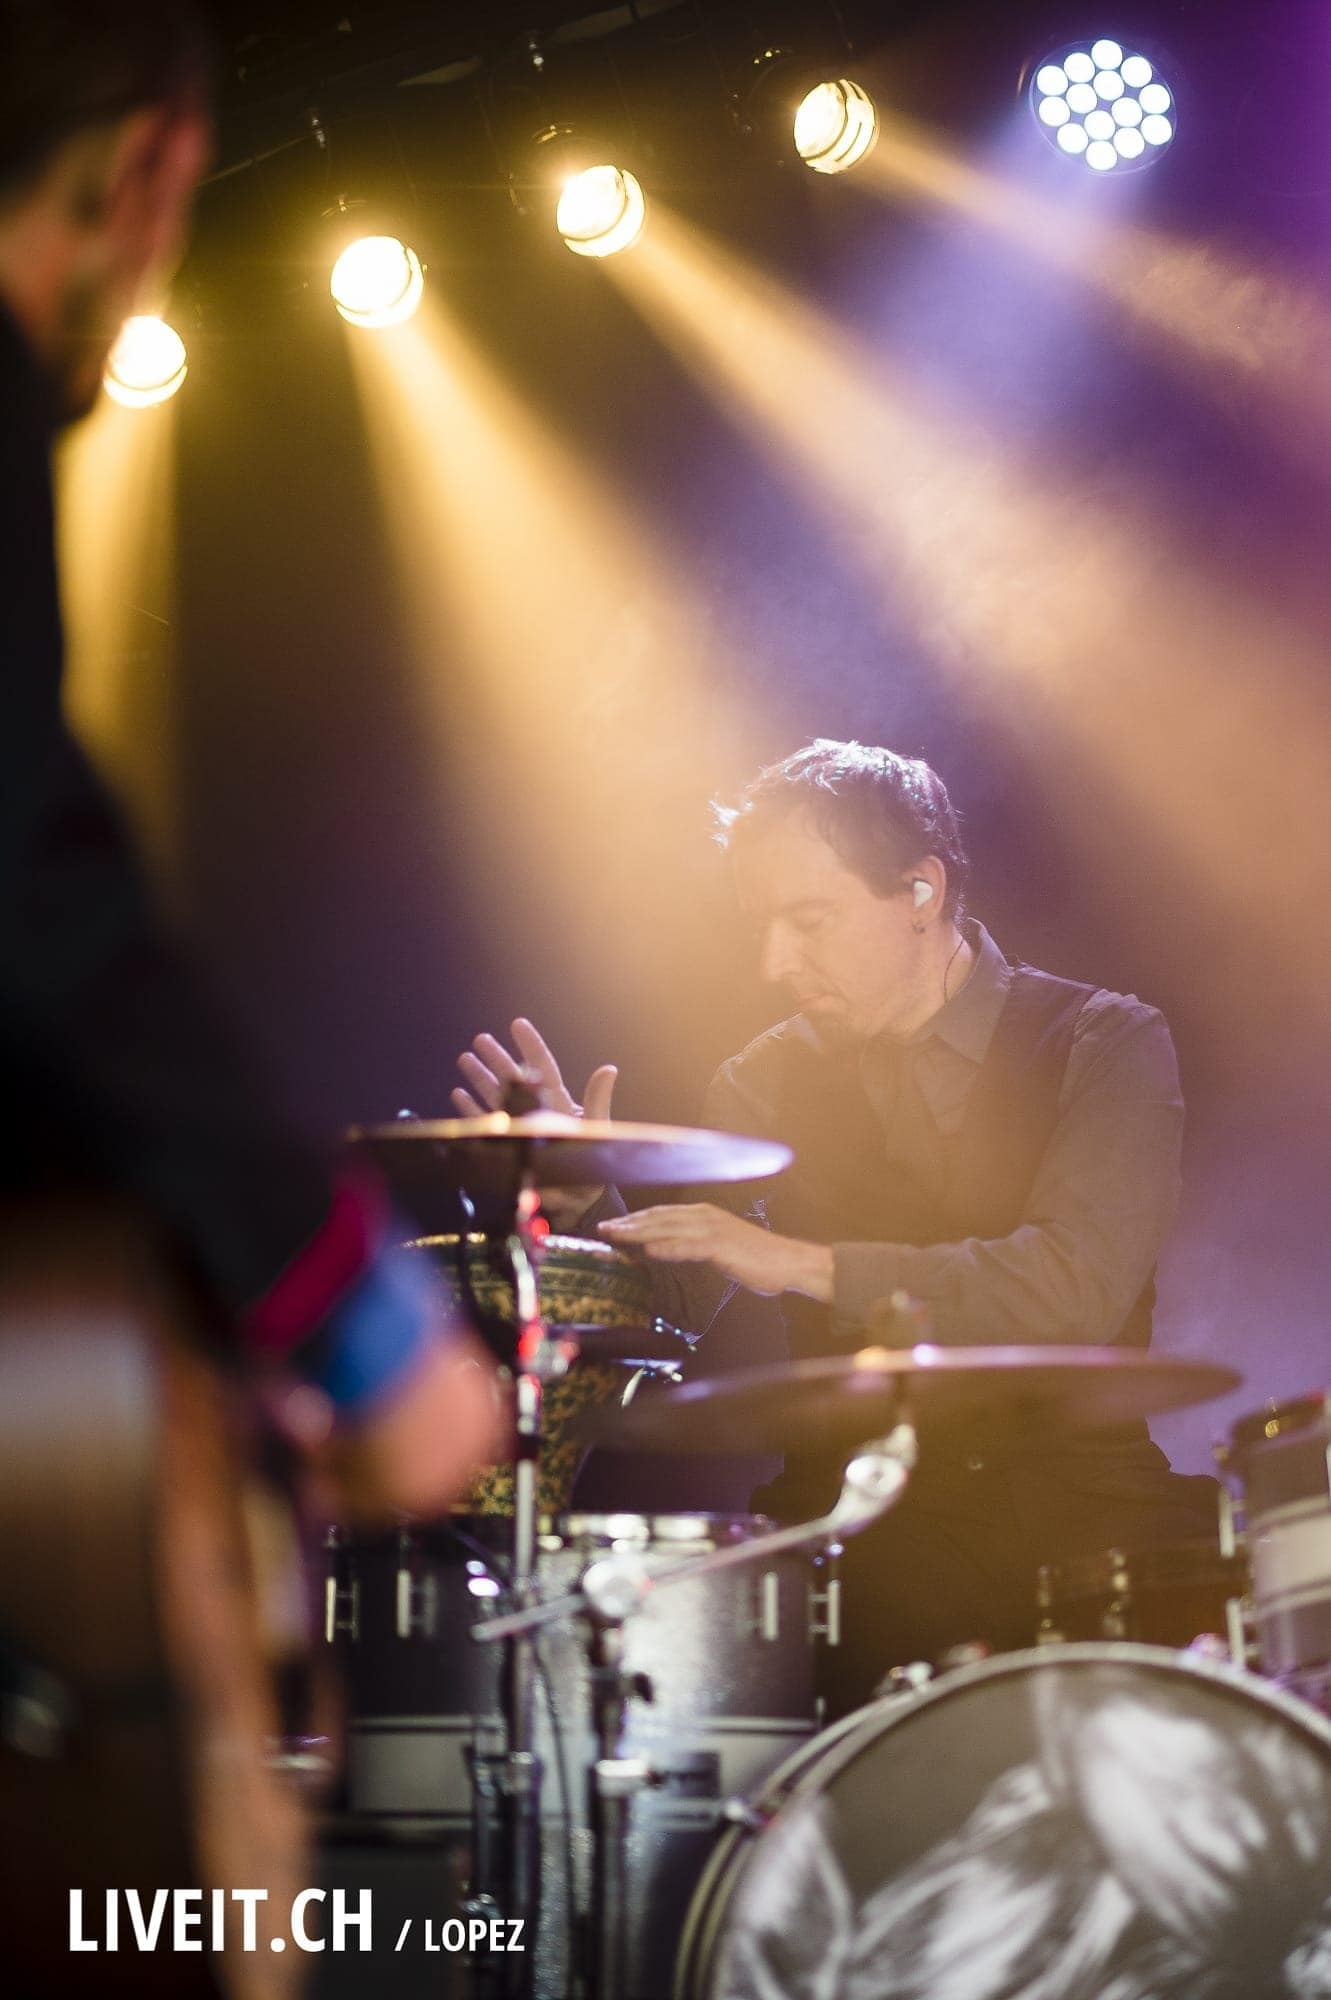 Bild: Manuel Lopez / LIVEIT.CH